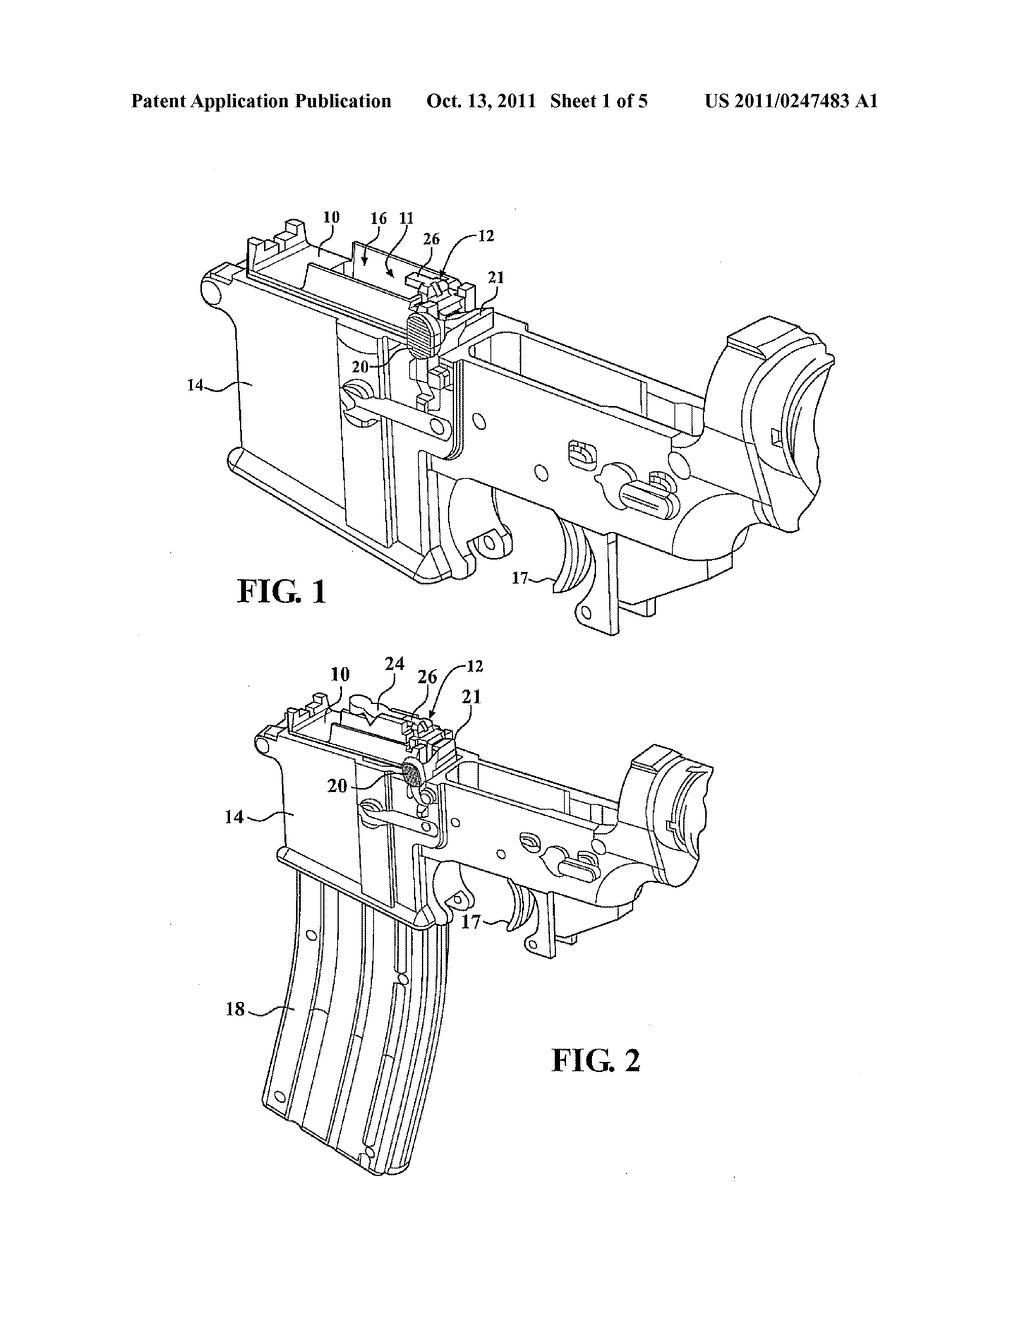 M16 Schematic Diagram Pistol Schematic Diagram ~ Elsavadorla